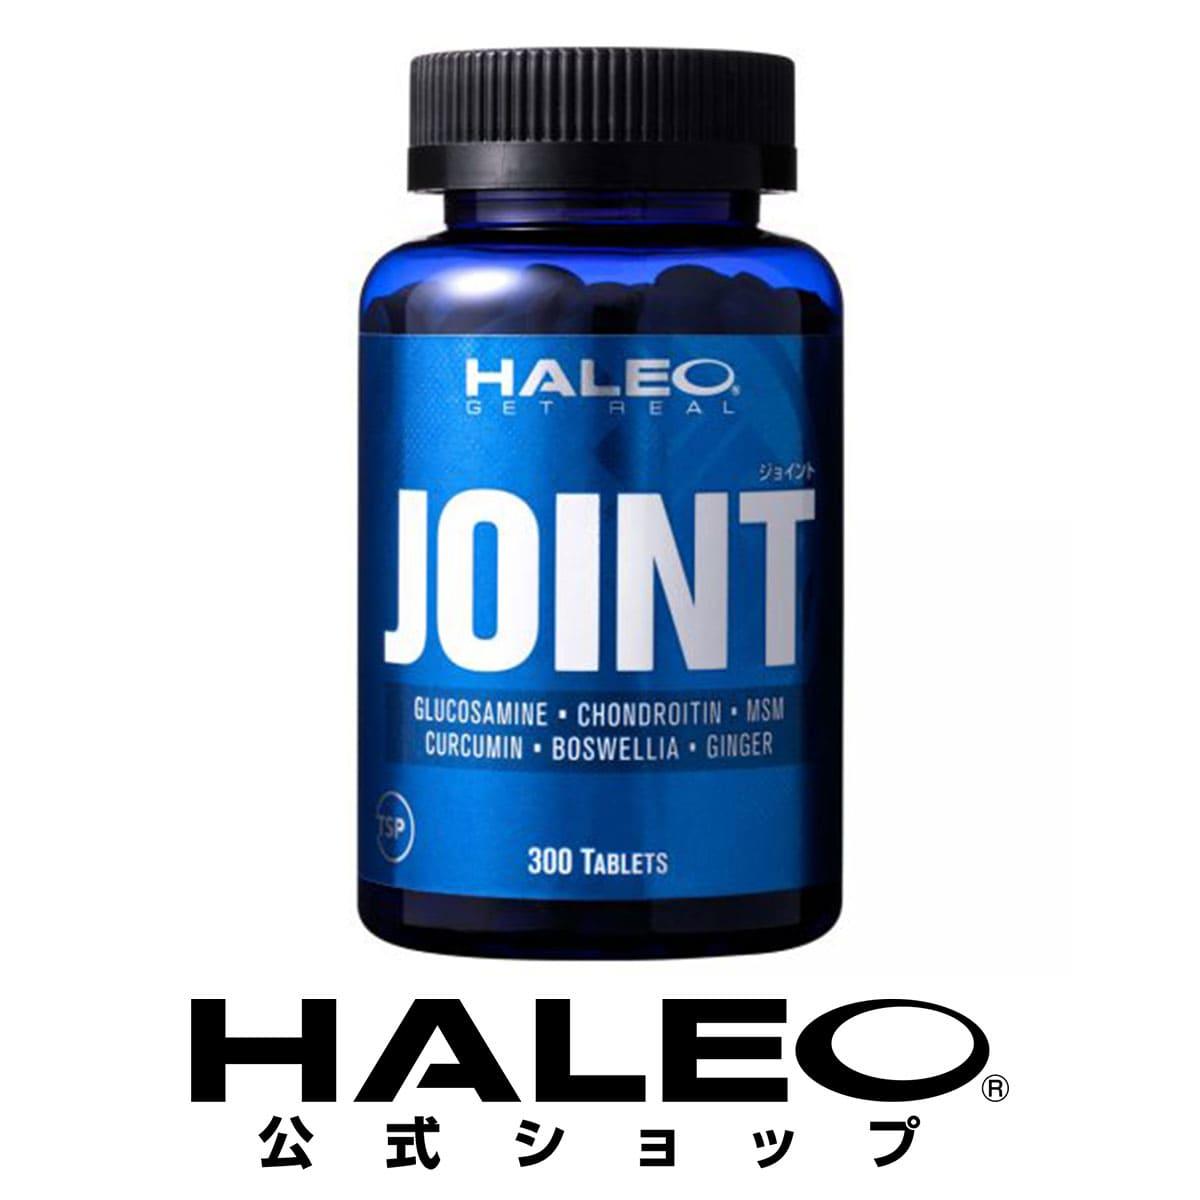 グルコサミン コンドロイチン 代引き不可 MSM ウコンエキス ジンジャーエキス 黒こしょうエキス配合 JOINT ハレオ 公式 300タブレット HALEO 日本産 ジョイント